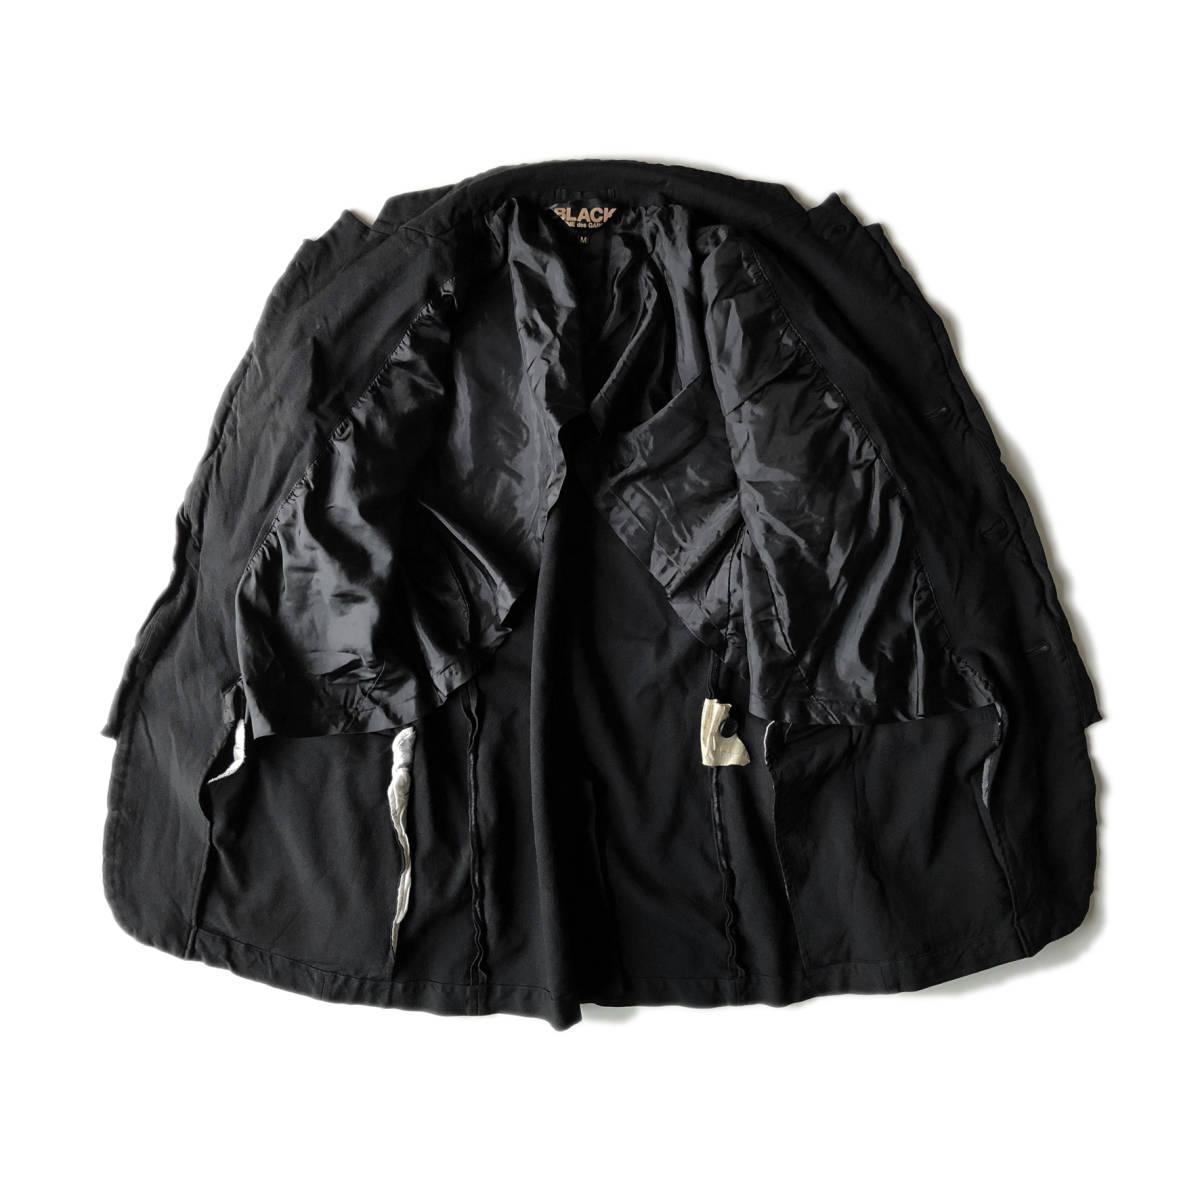 AD2009 BLACK COMME des GARCONS ブラックコムデギャルソン ポリ縮 ジャケット ブラック ポリエステル縮絨 黒 M ※セットアップPTも出品中_画像8